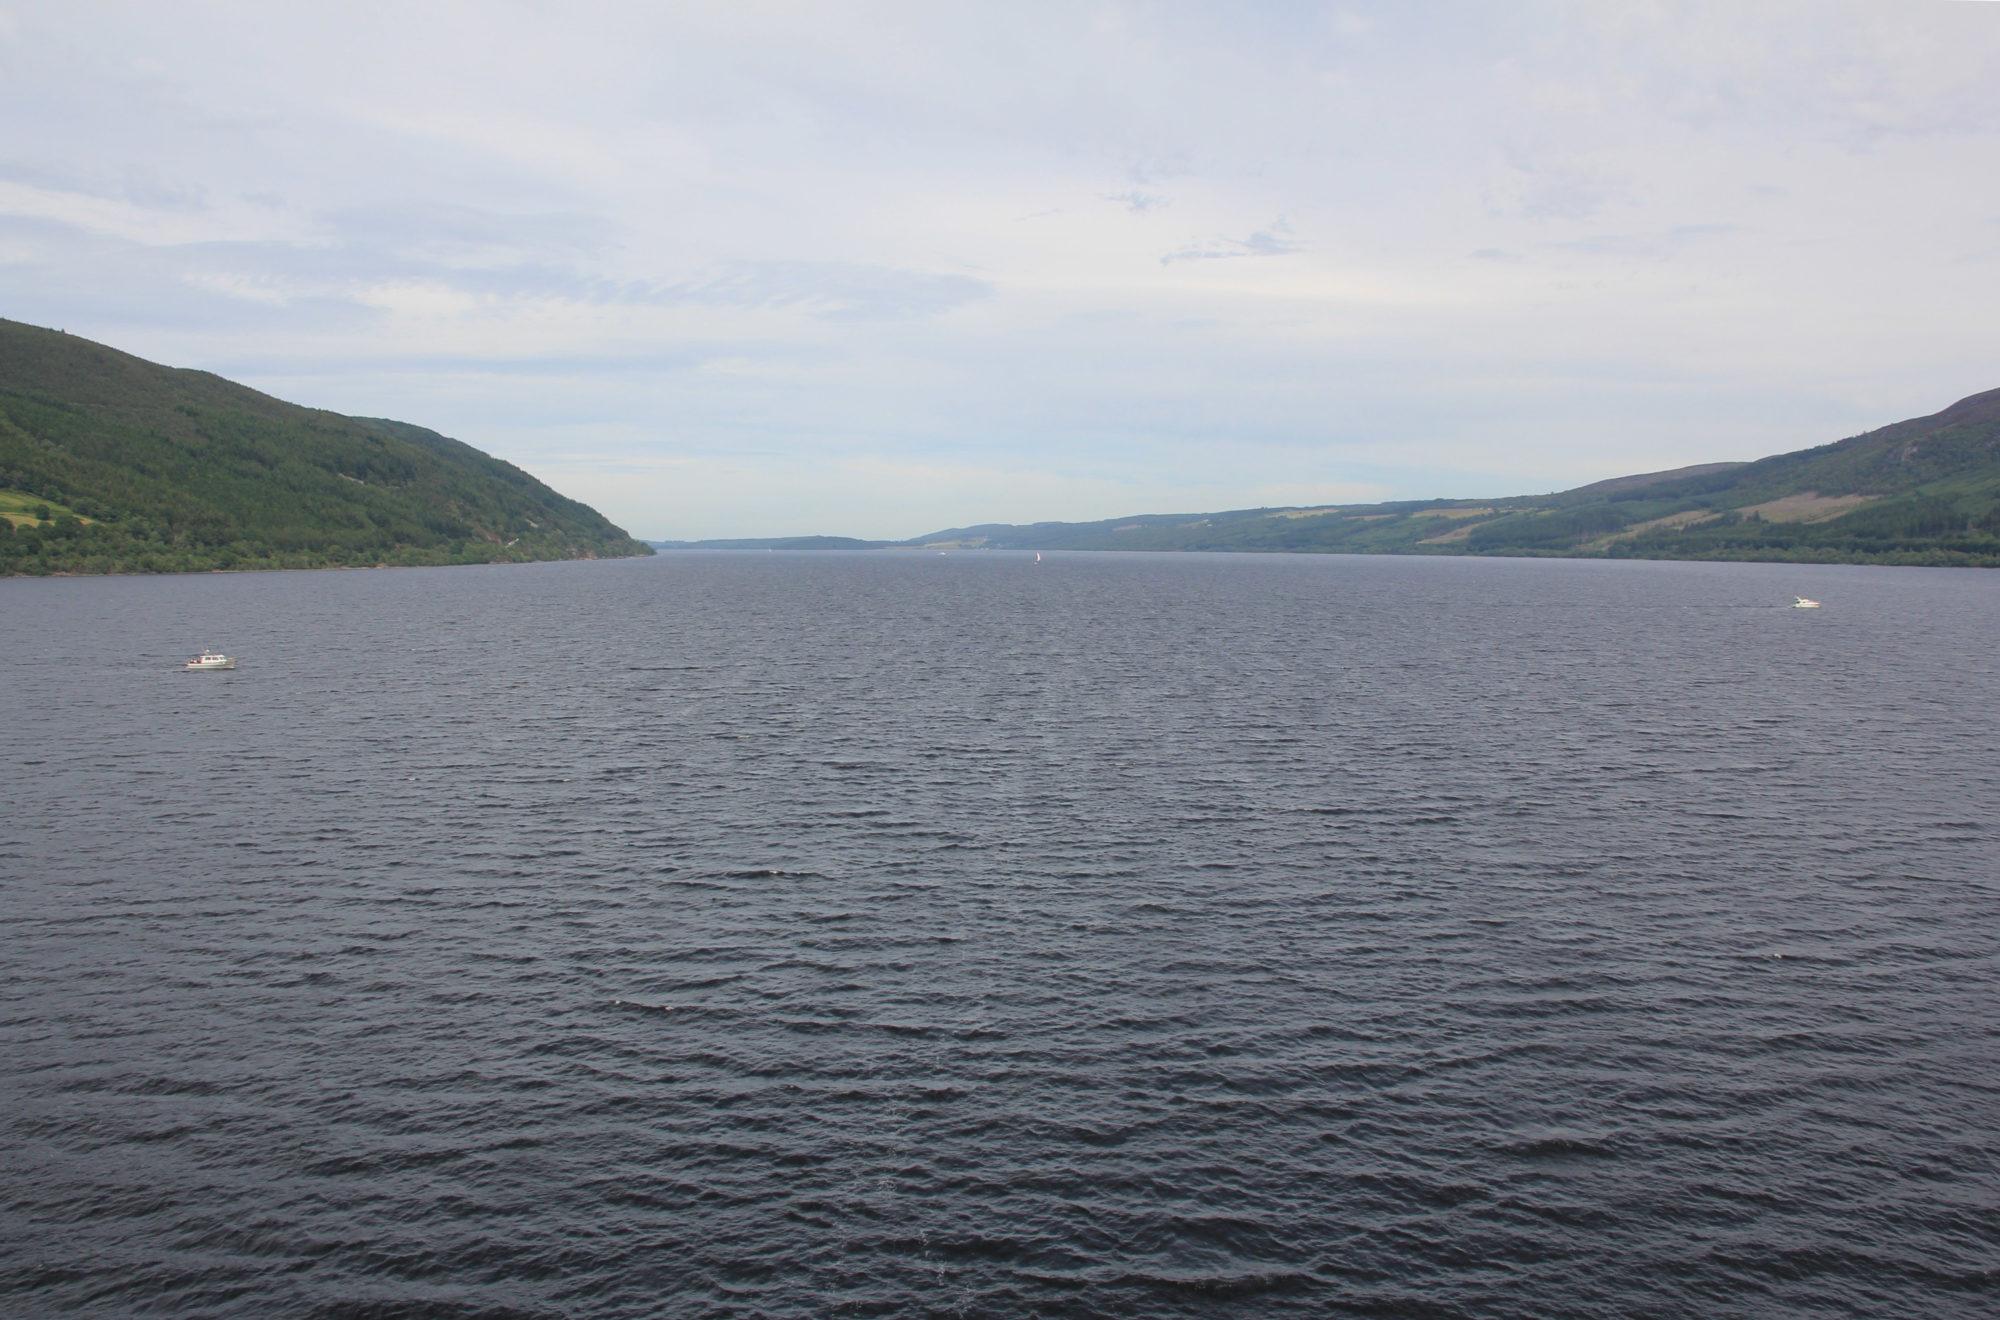 12歲女孩拍到「尼斯湖水怪湖面探頭」 專家興奮:27年來最棒證據